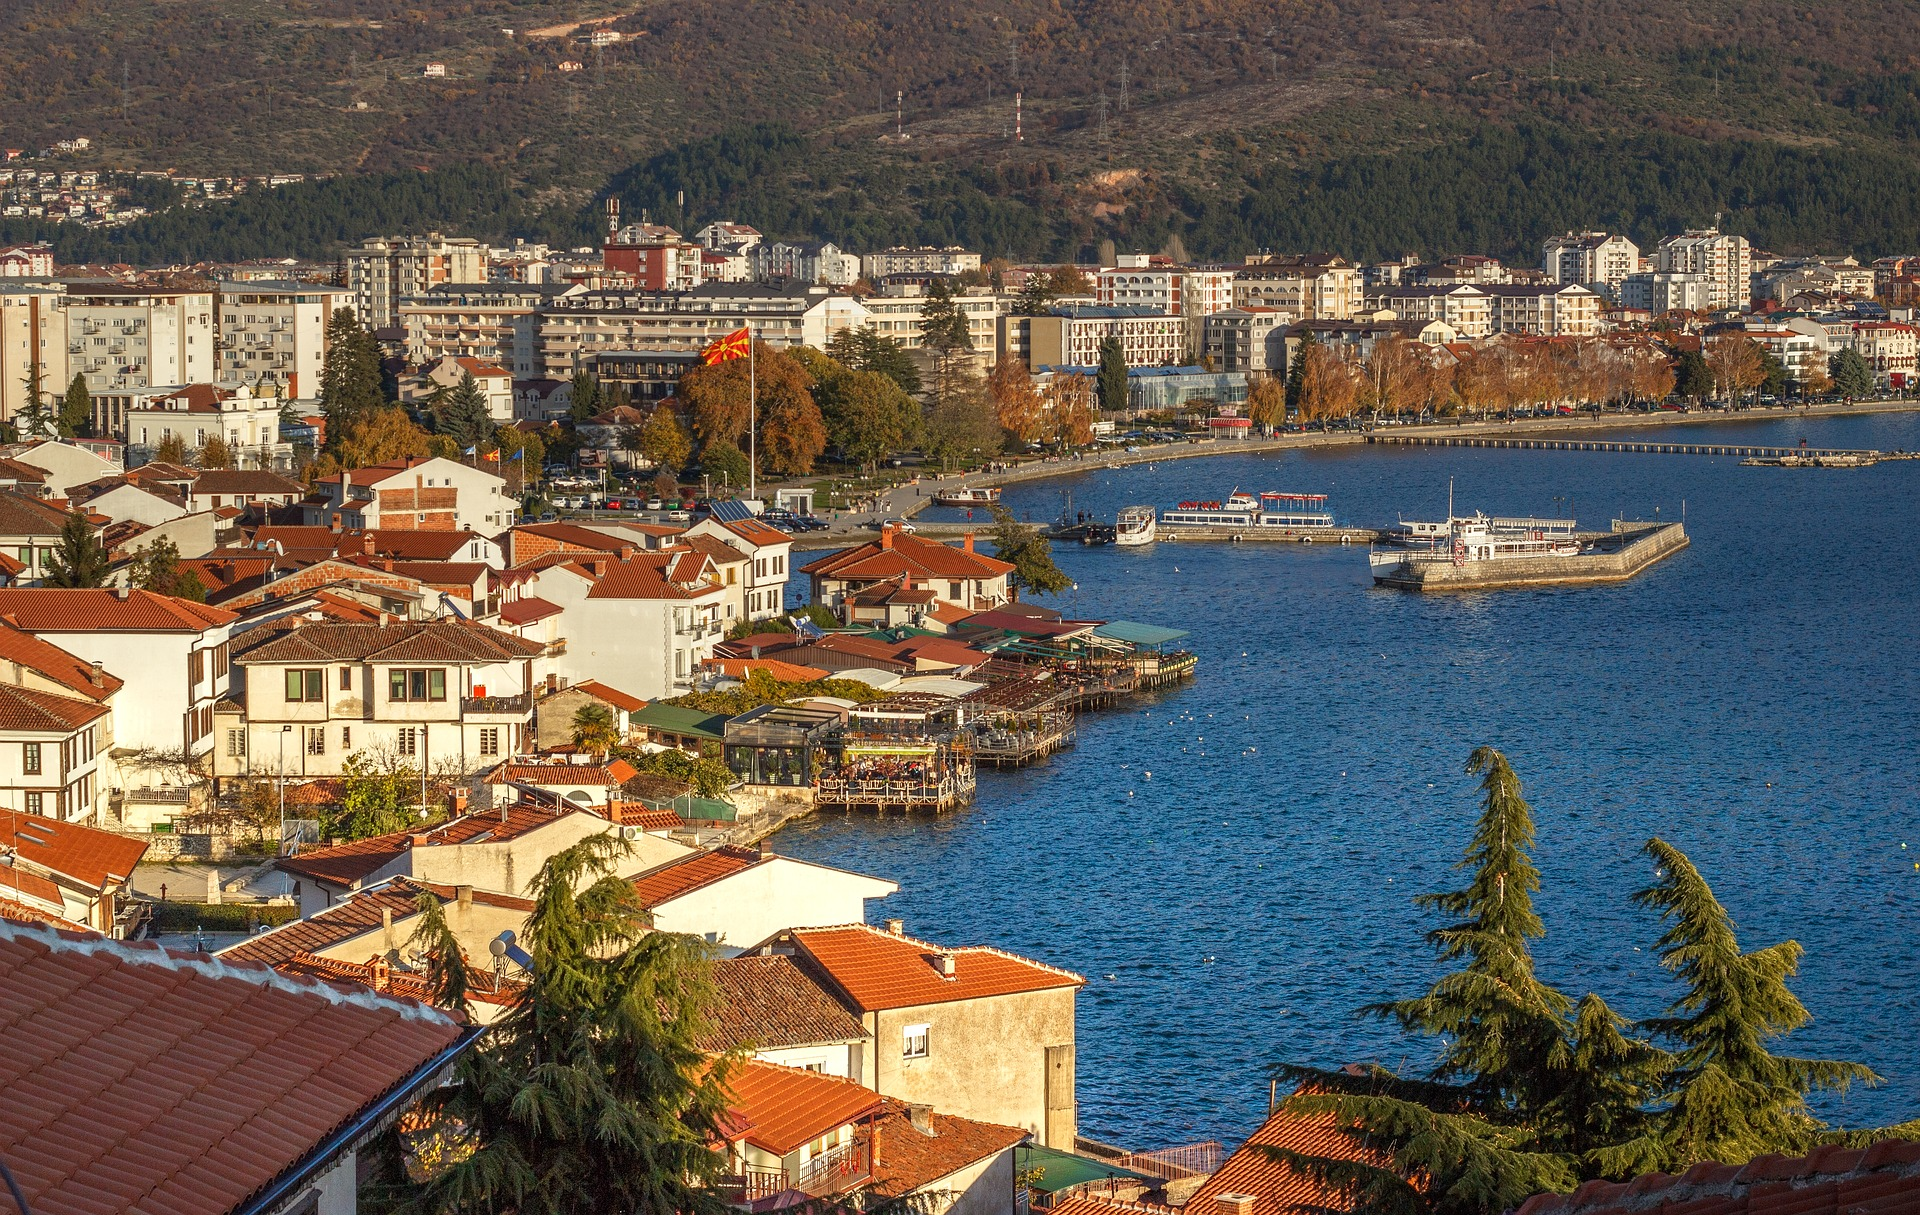 The Ohrid Harbor